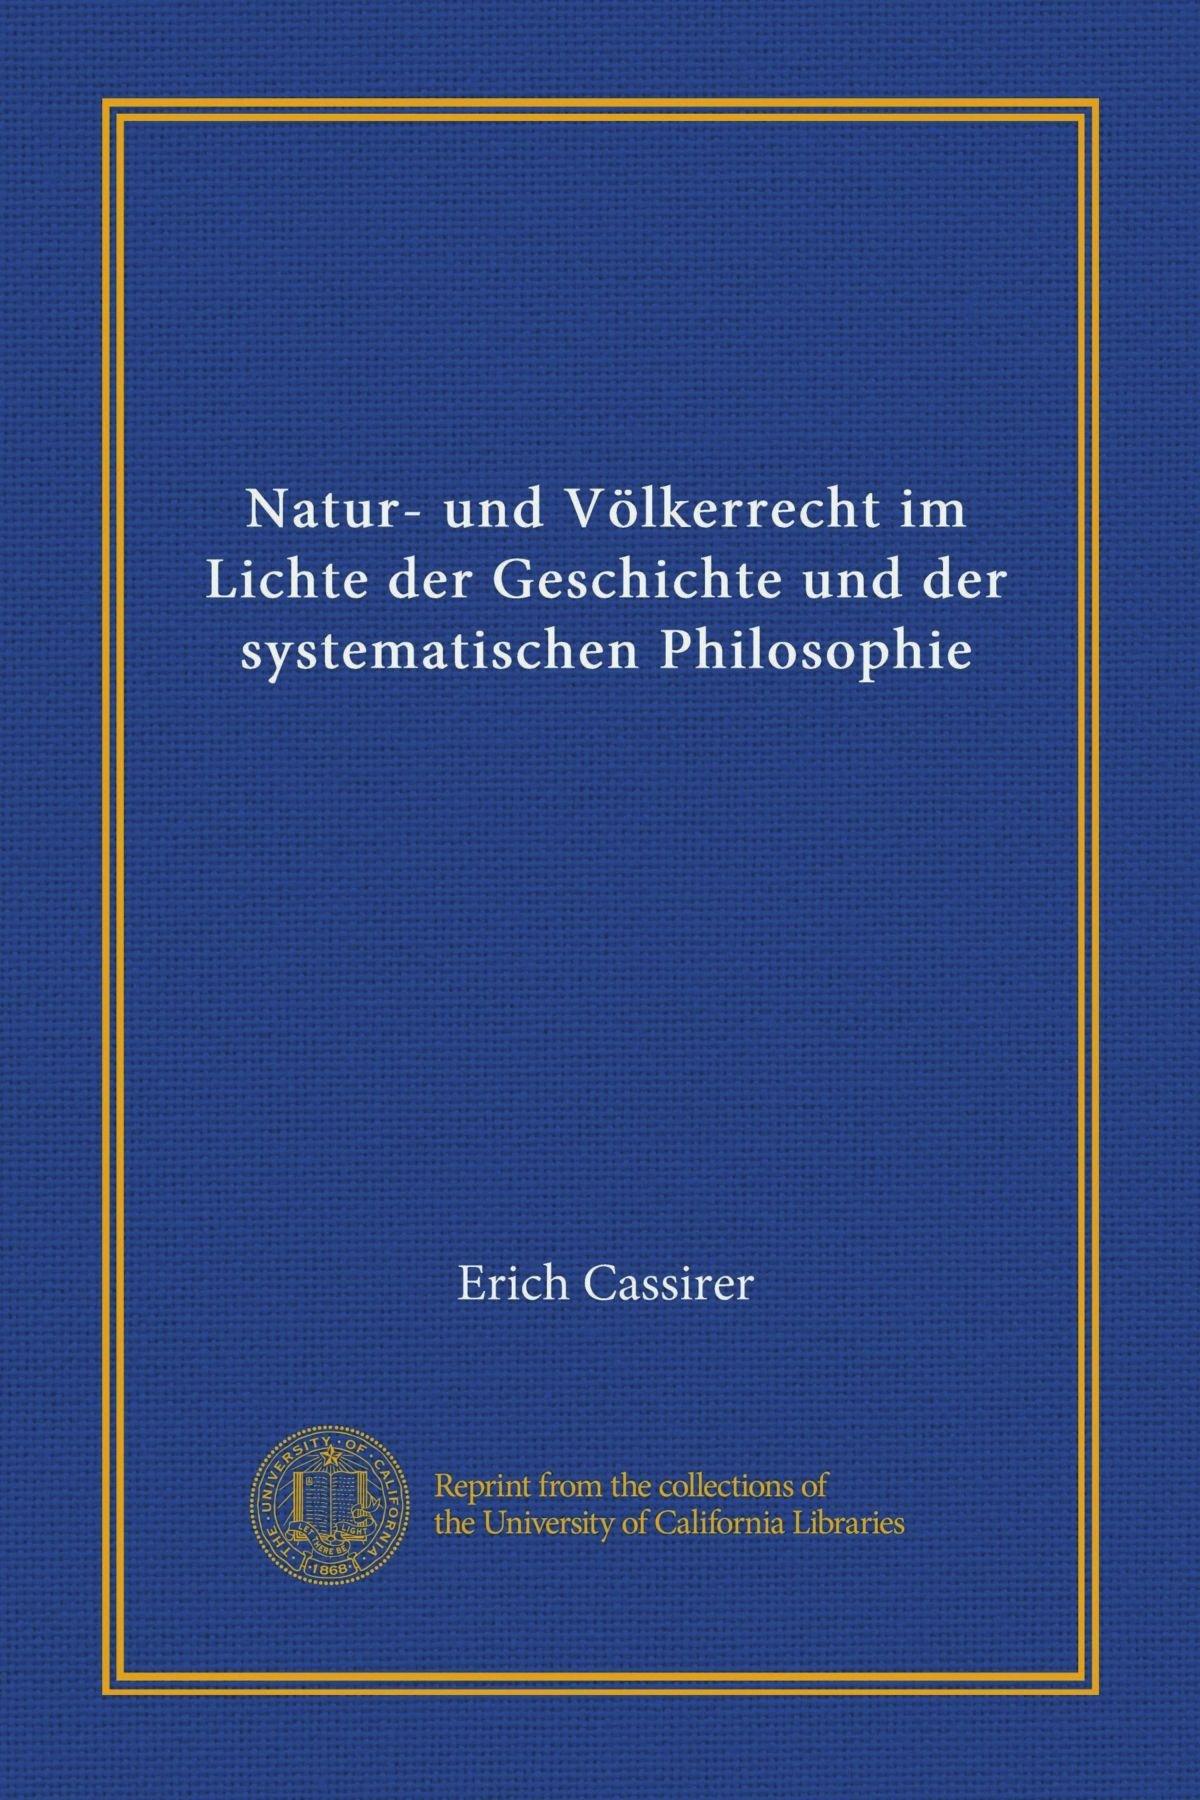 Download Natur- und Völkerrecht im Lichte der Geschichte und der systematischen Philosophie (German Edition) pdf epub